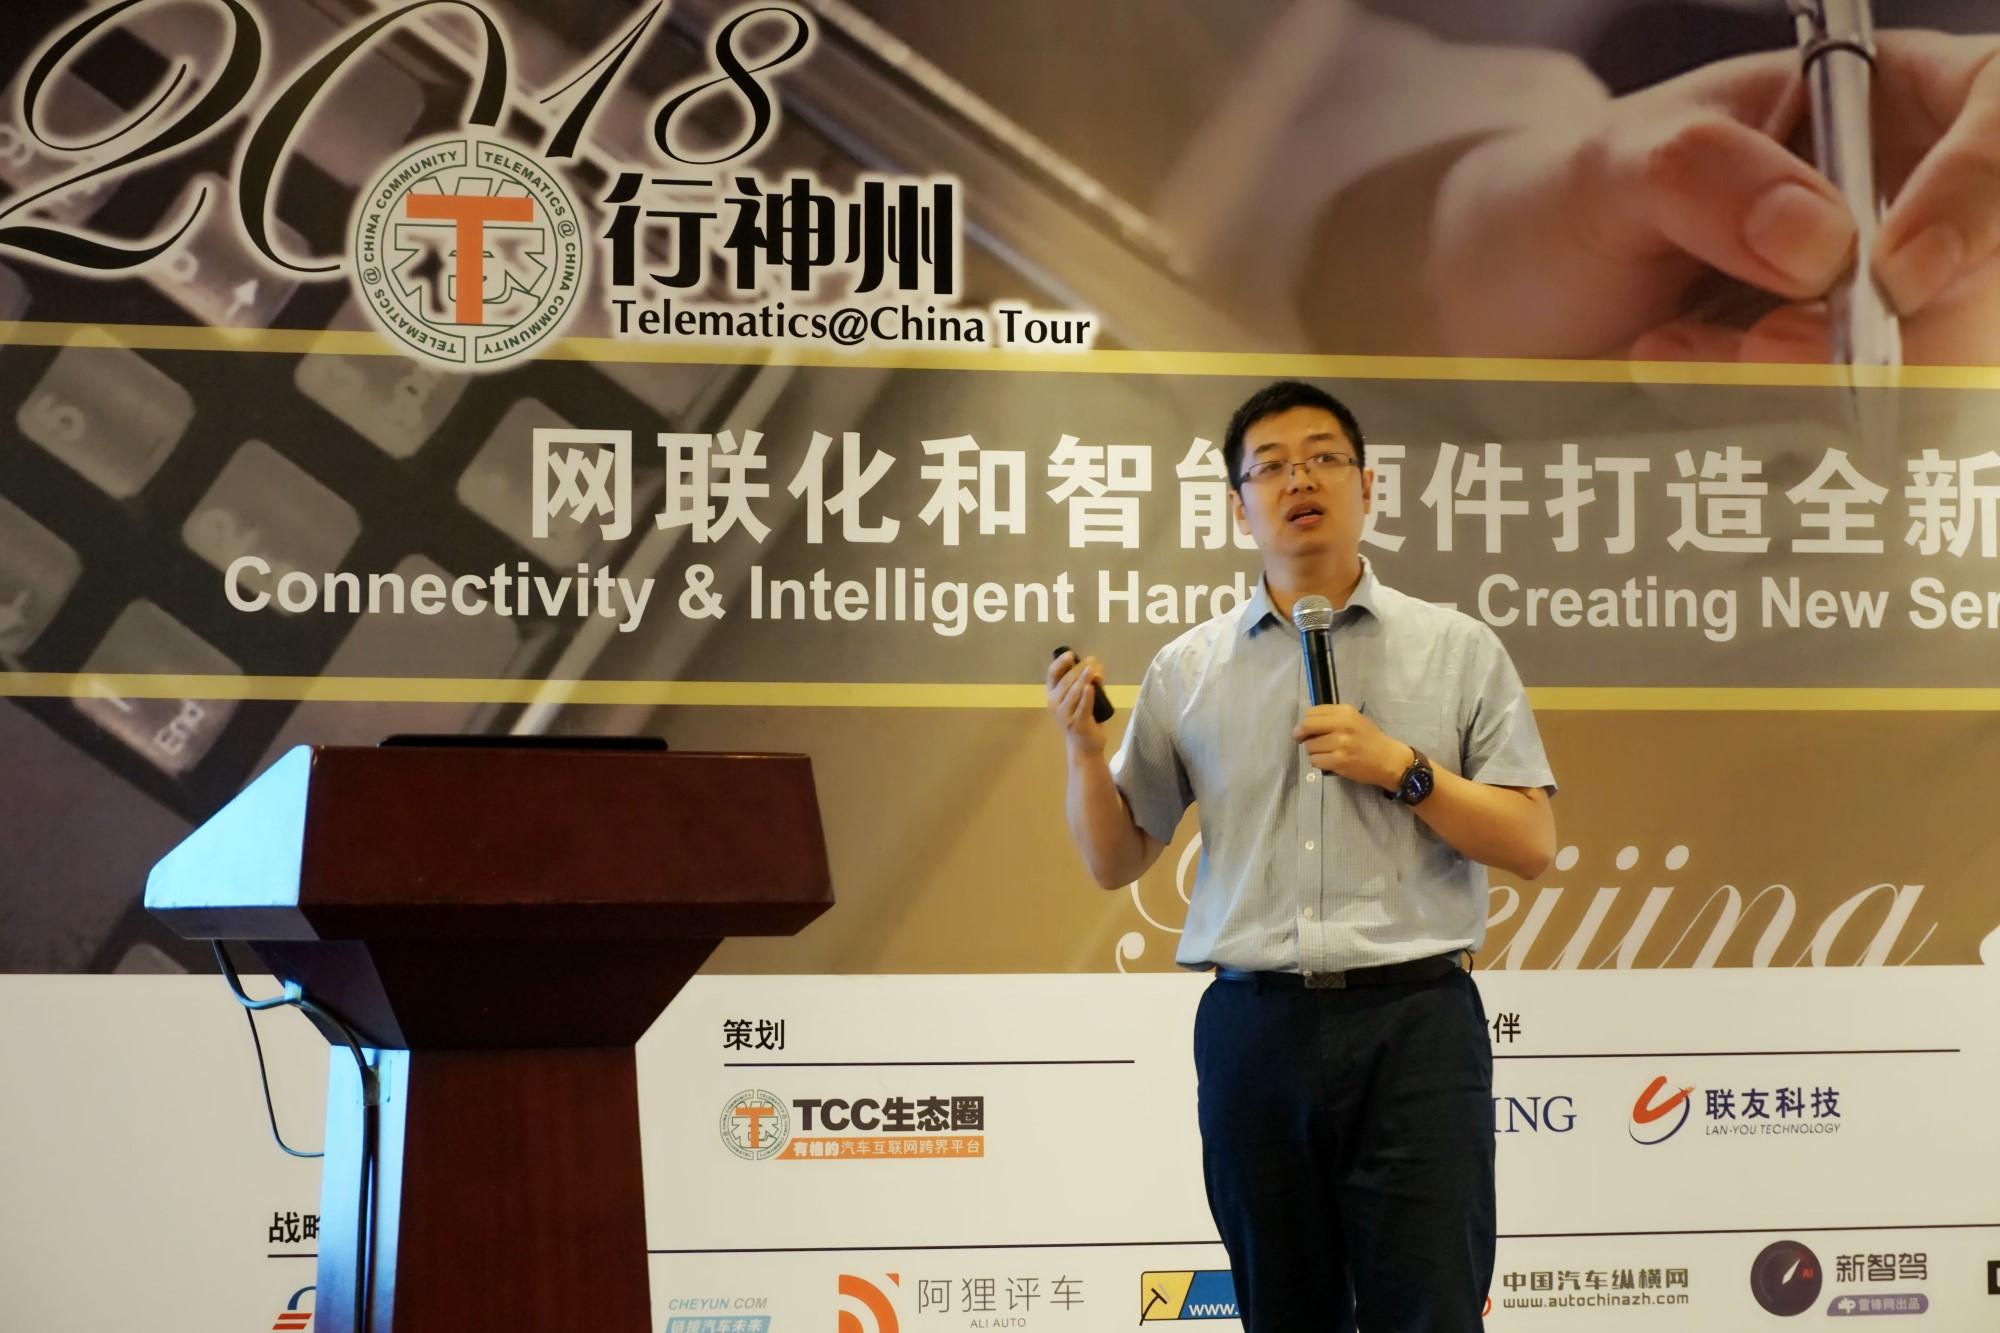 深圳联友科技有限公司汽车技术事业部副总经理文军红